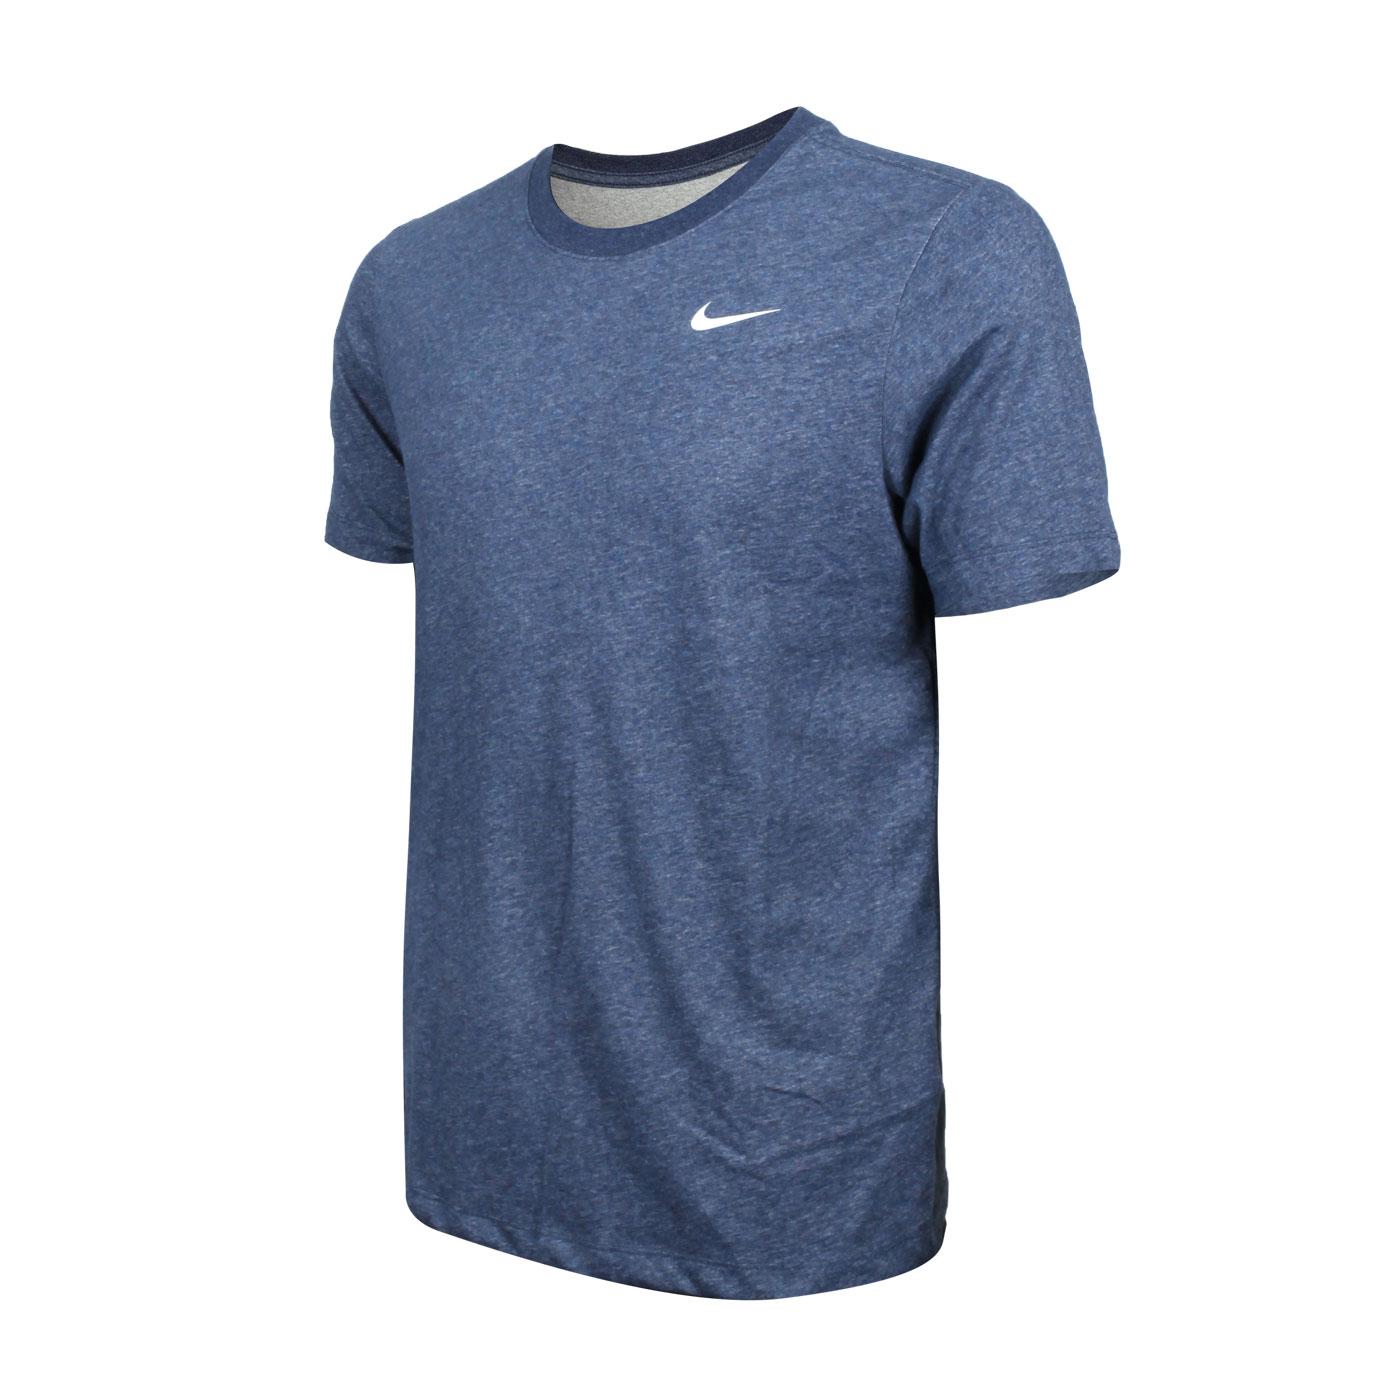 NIKE 男款短袖T恤 AR6030-473